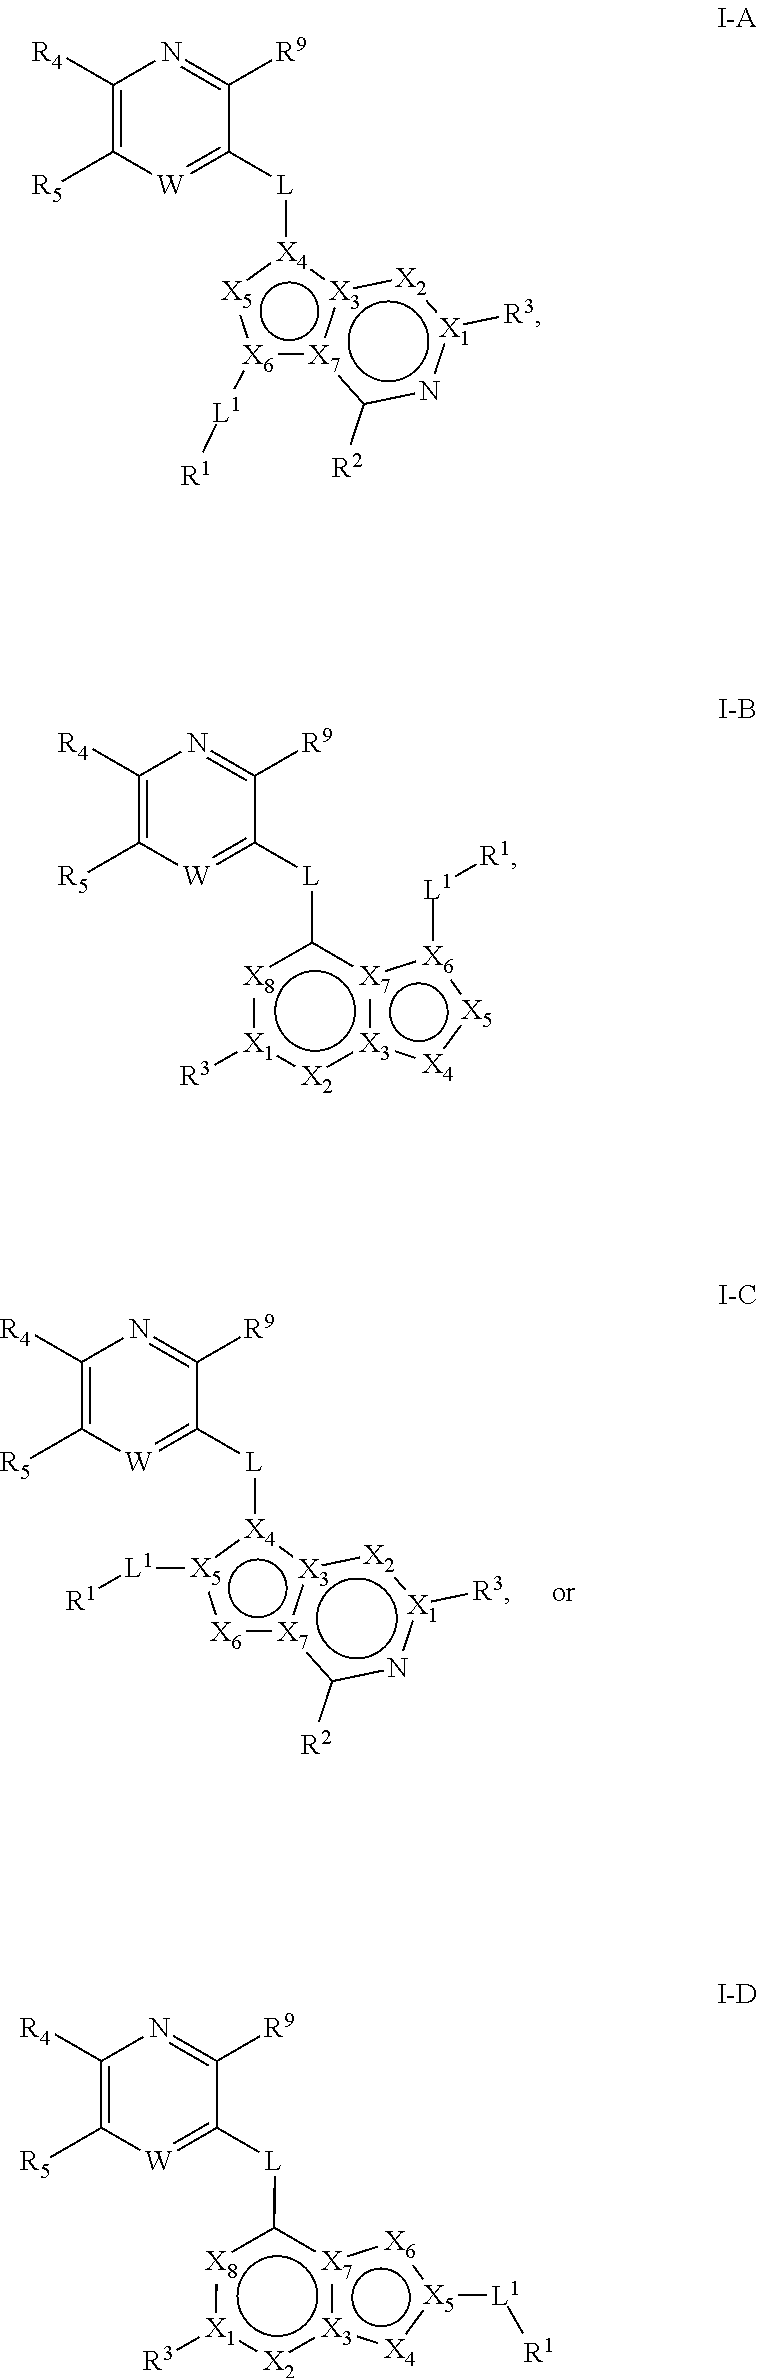 Figure US09790228-20171017-C00011